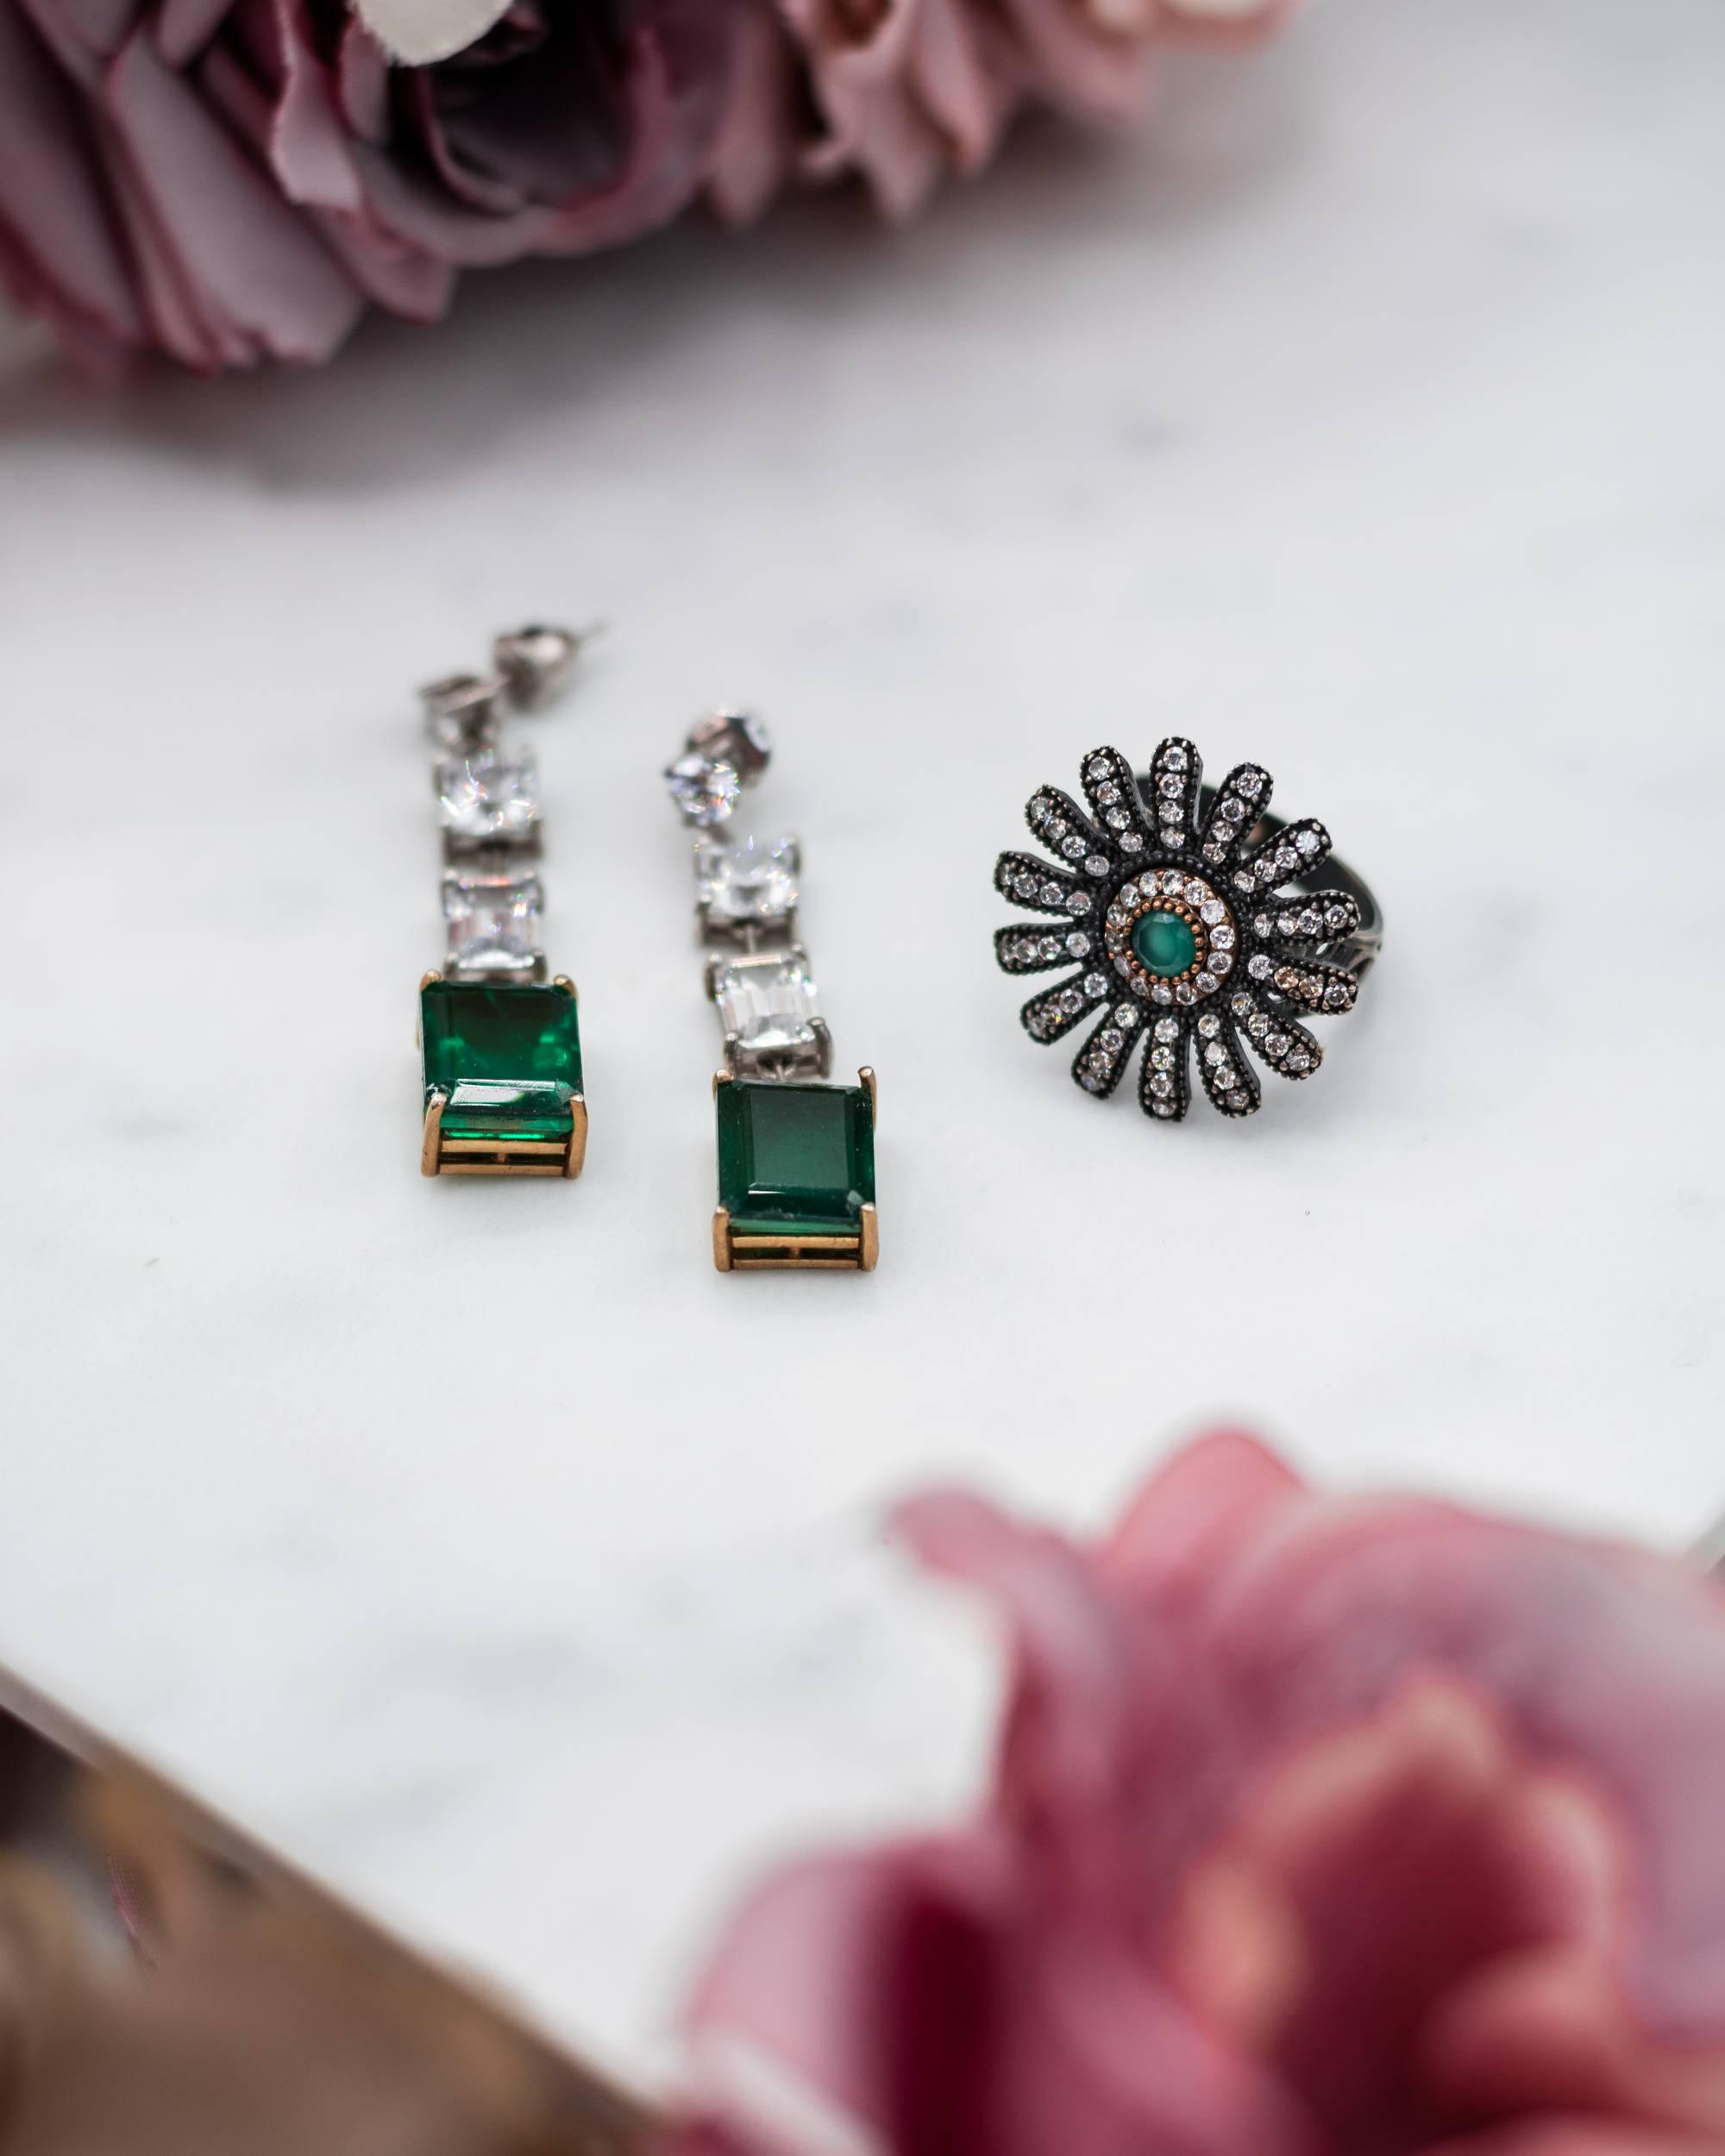 Double-J-Accessories-la-marque-de-bijoux-libanaise-engagee-1-2